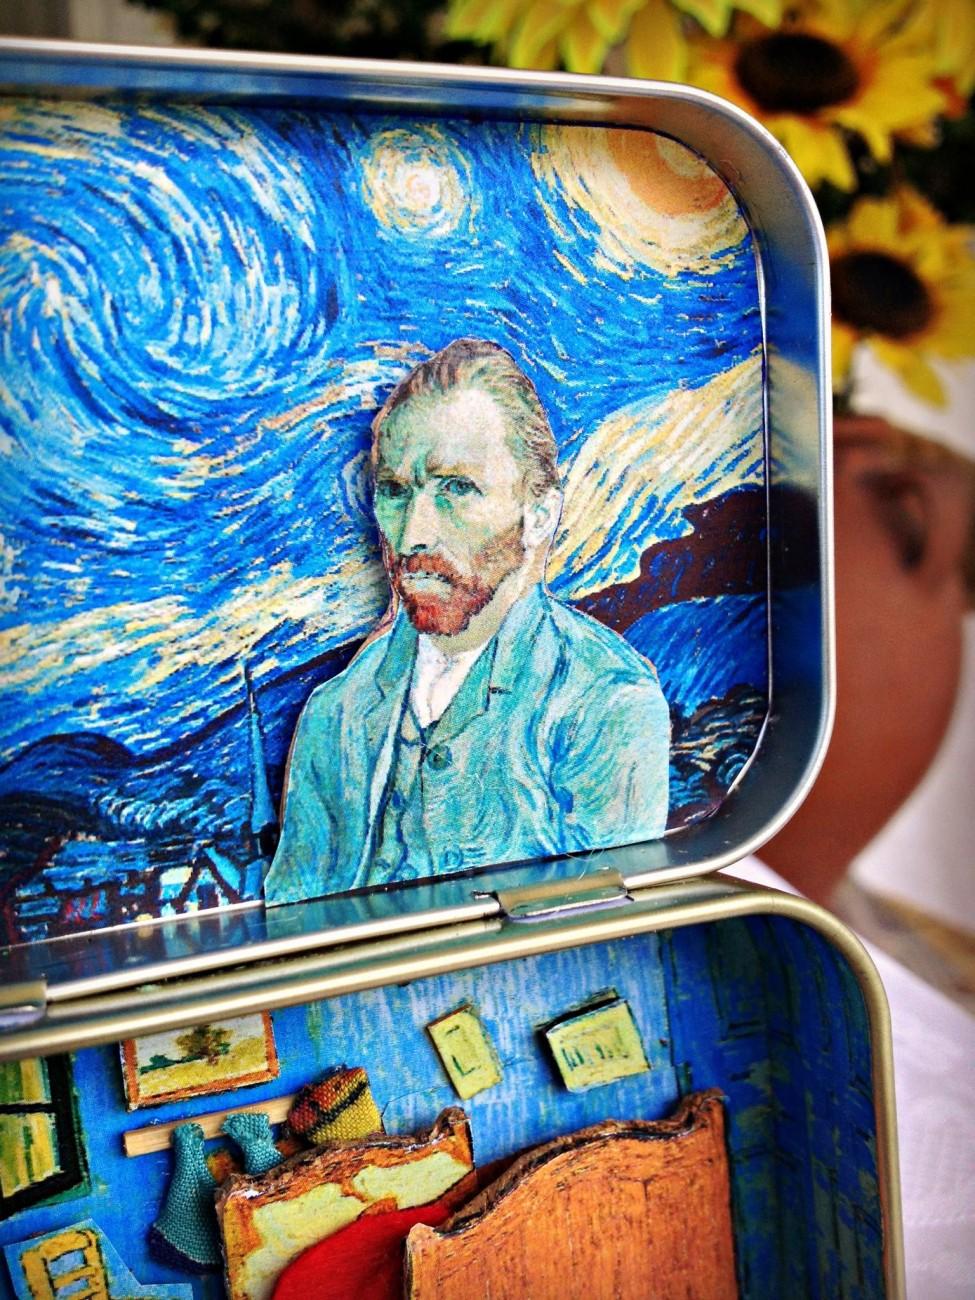 Και στο καπάκι ο Van Gogh